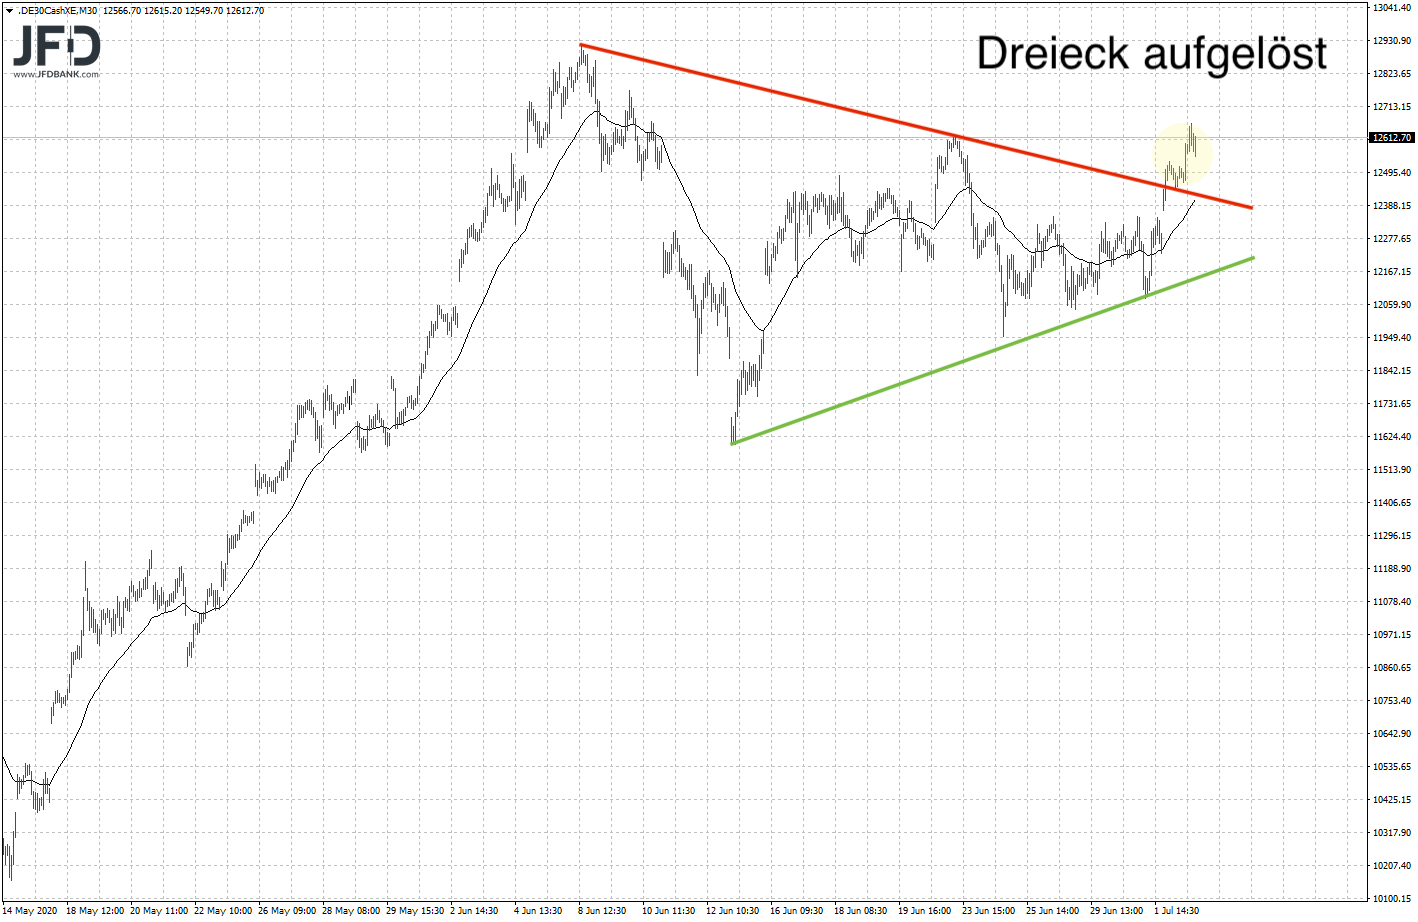 Dreieck im DAX aufgelöst